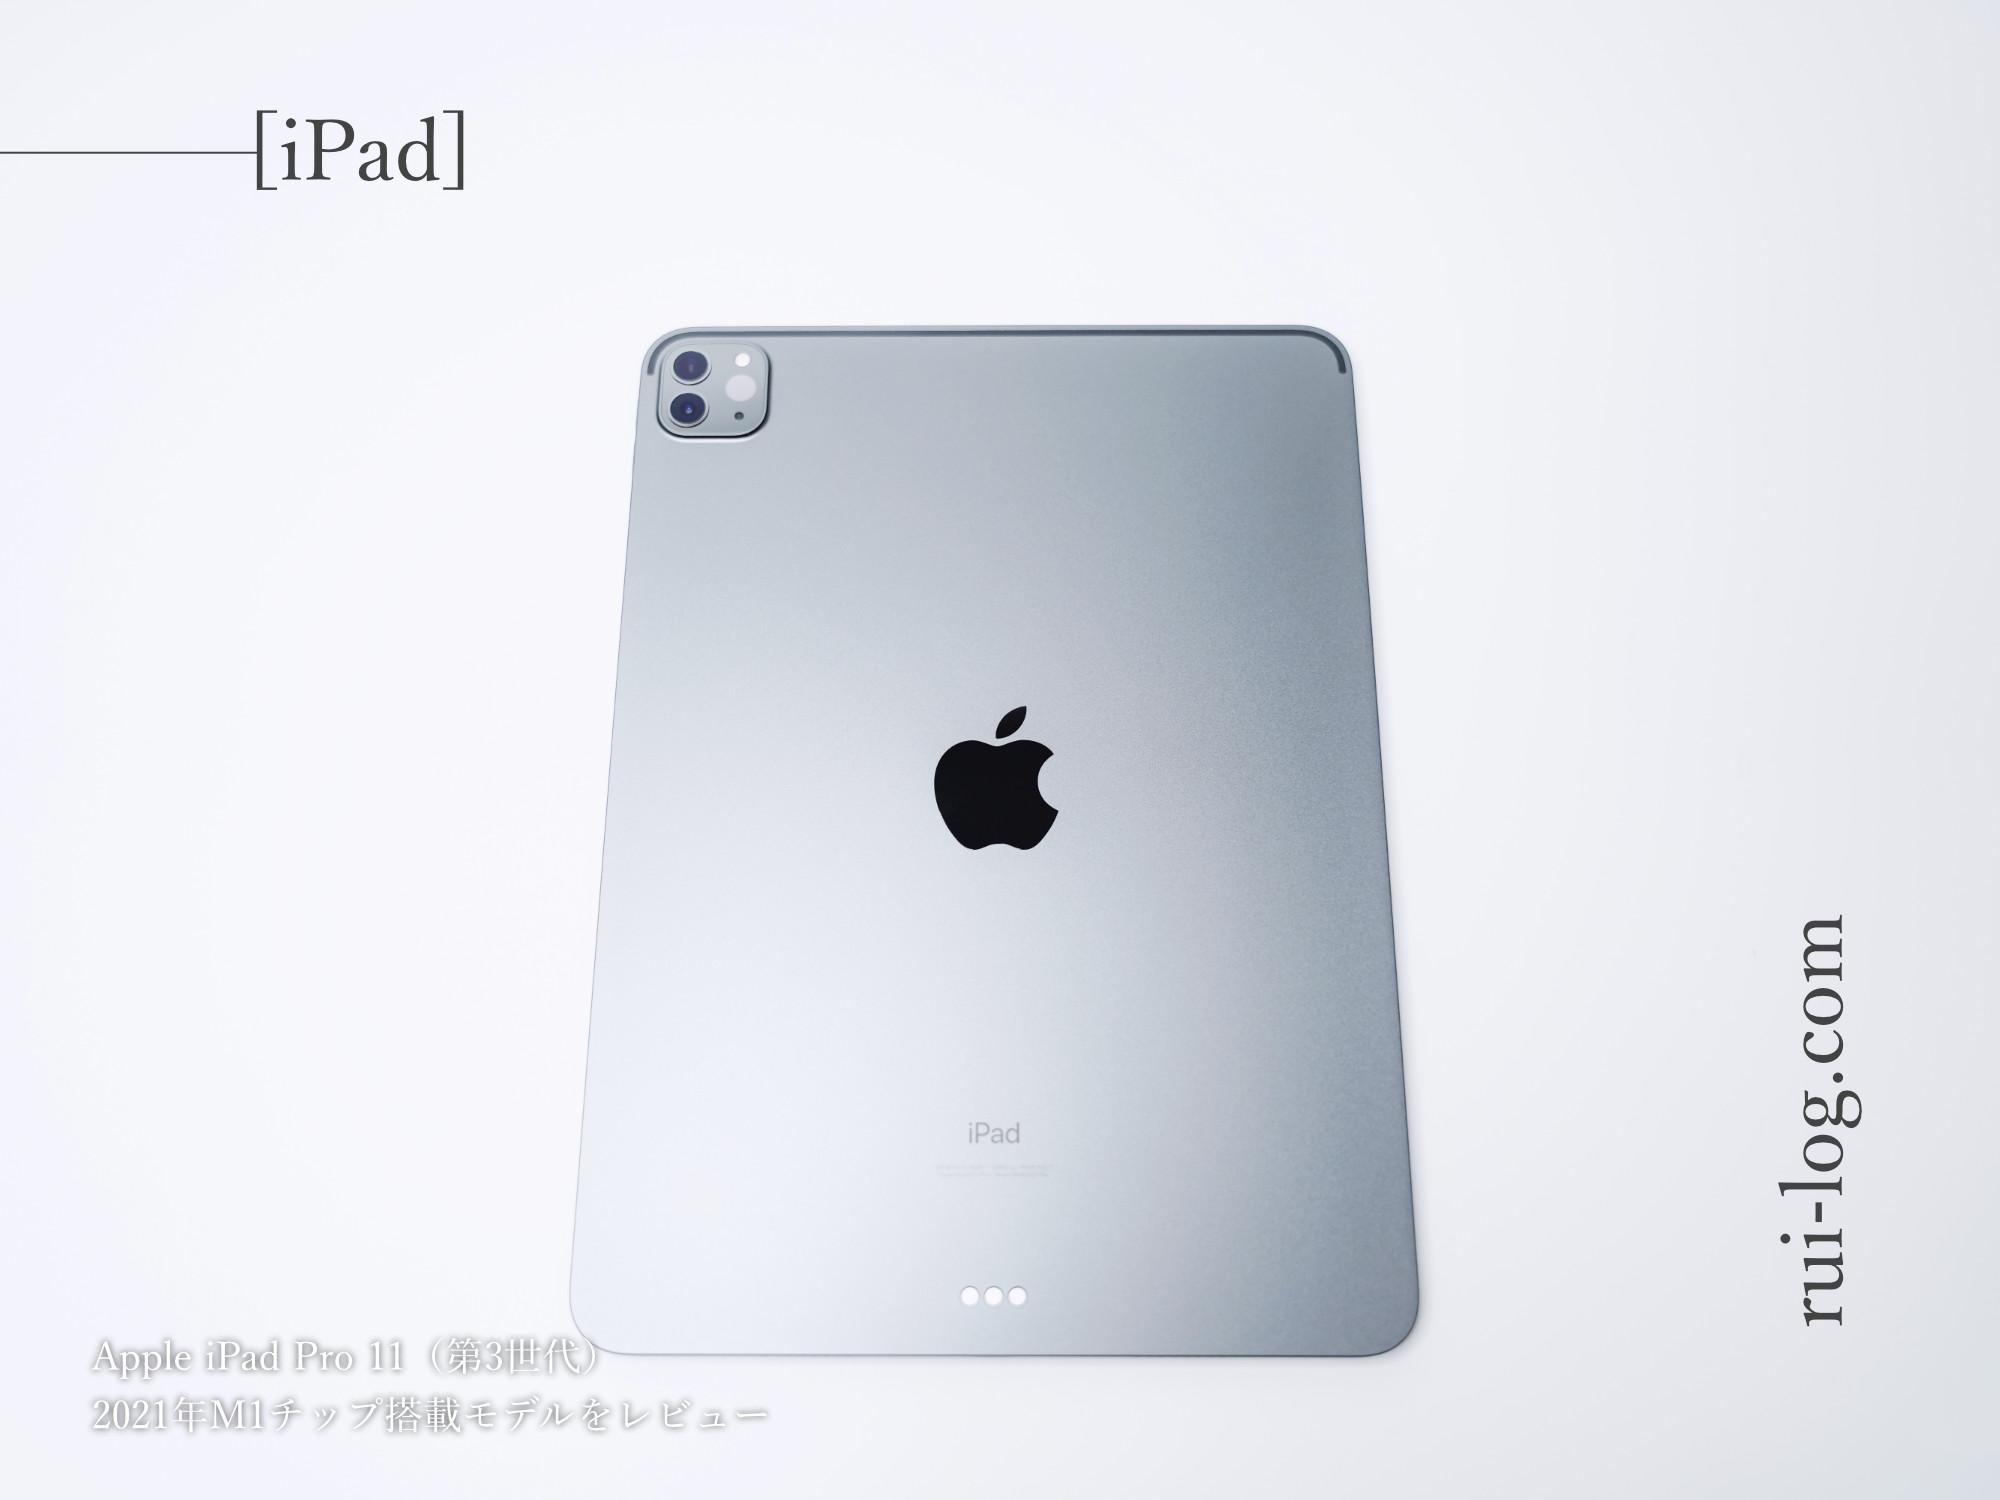 Apple iPadPro11(第3世代)M1をルイログがレビュー